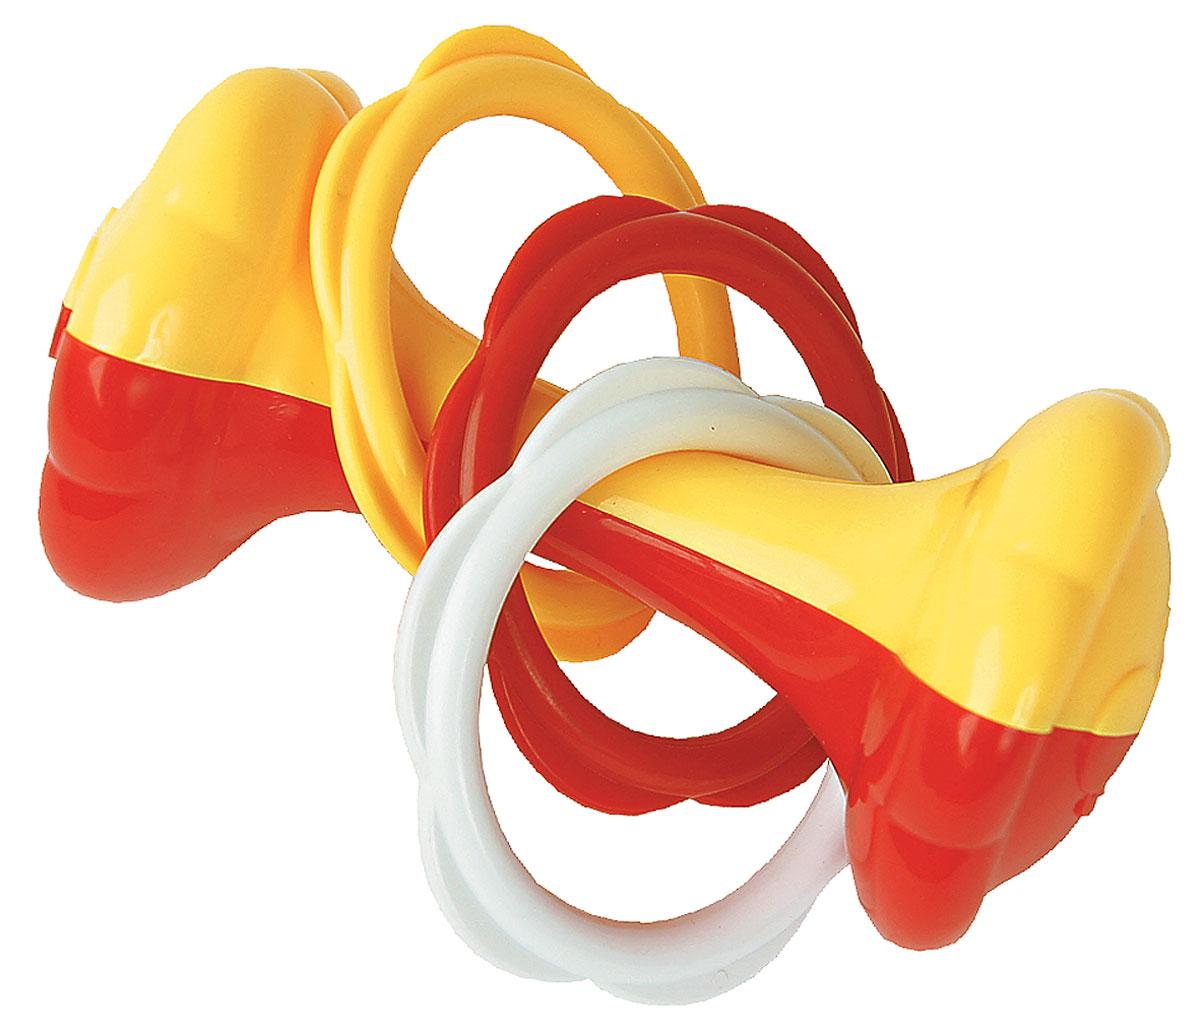 Курносики Погремушка Гантелька21315Погремушка Курносики Гантелька - легкая игрушка, которую удобно держать в маленьких ручках. Отлично подходит в качестве первой погремушки. Игрушка-погремушка выполнена из безопасного пластика и представляет собой пластиковую гантельку с тремя разноцветными кольцами на ней. Игрушка развивает слух, мелкую моторику, мышление, концентрацию внимания и цветовое восприятие.